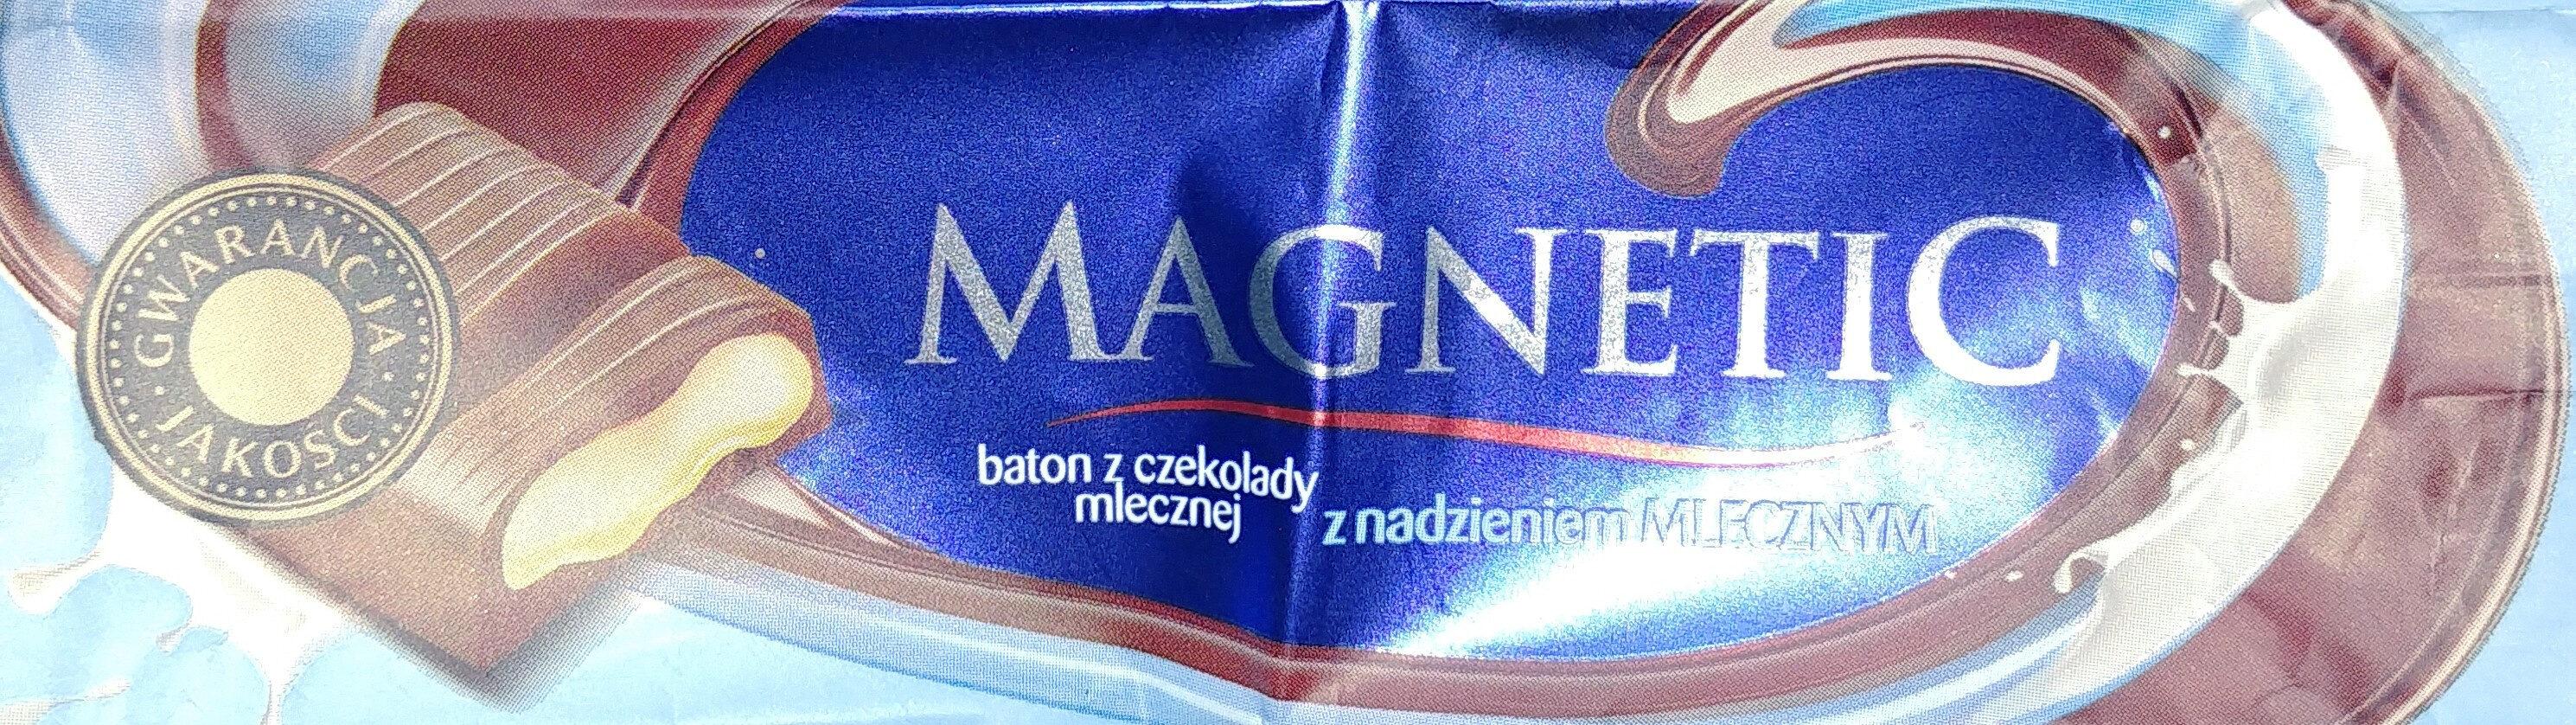 Baton z czekolady mlecznej - Product